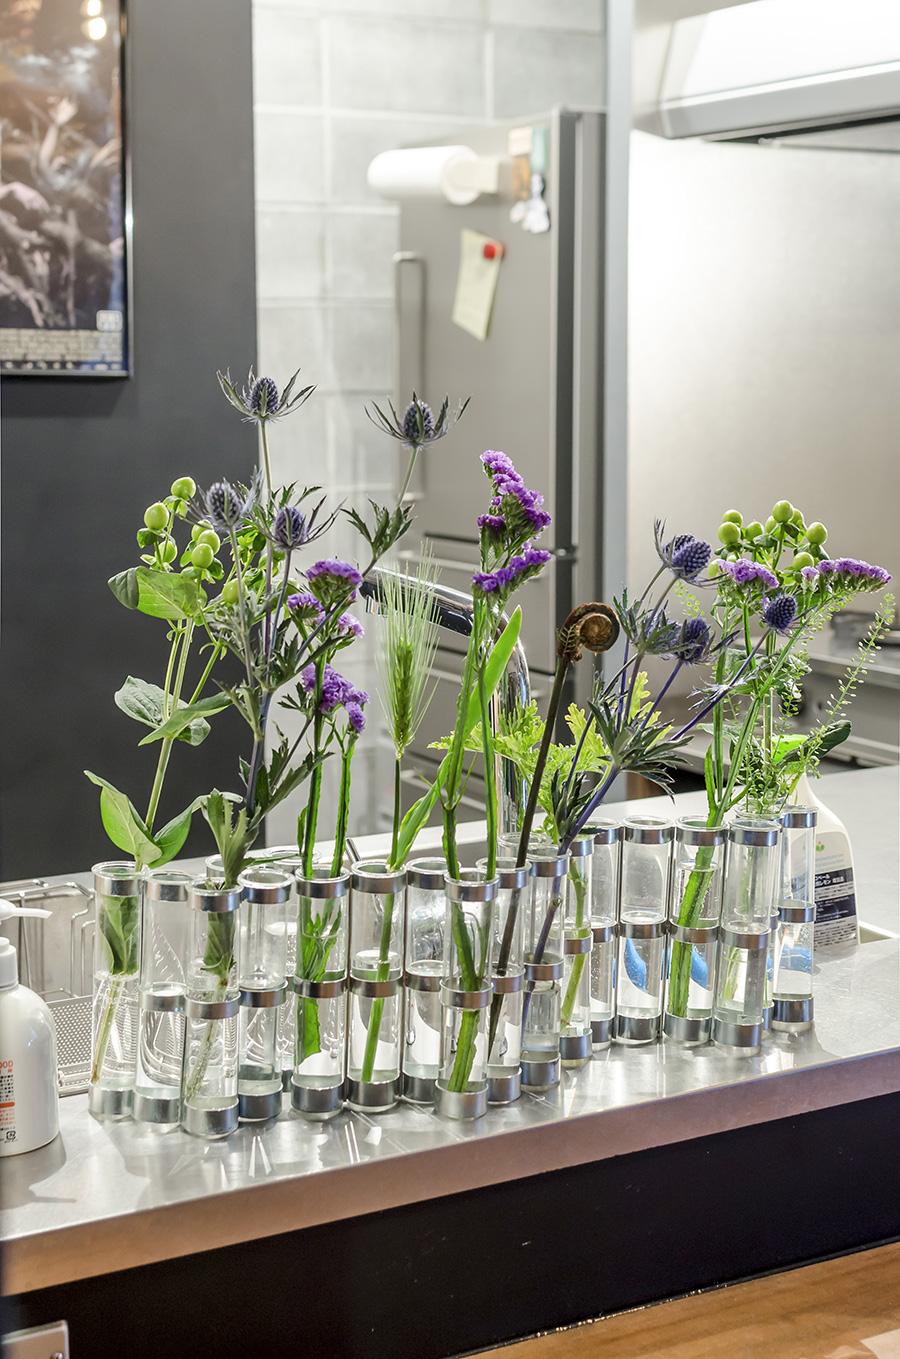 試験管をつないだ花瓶に花を飾って。